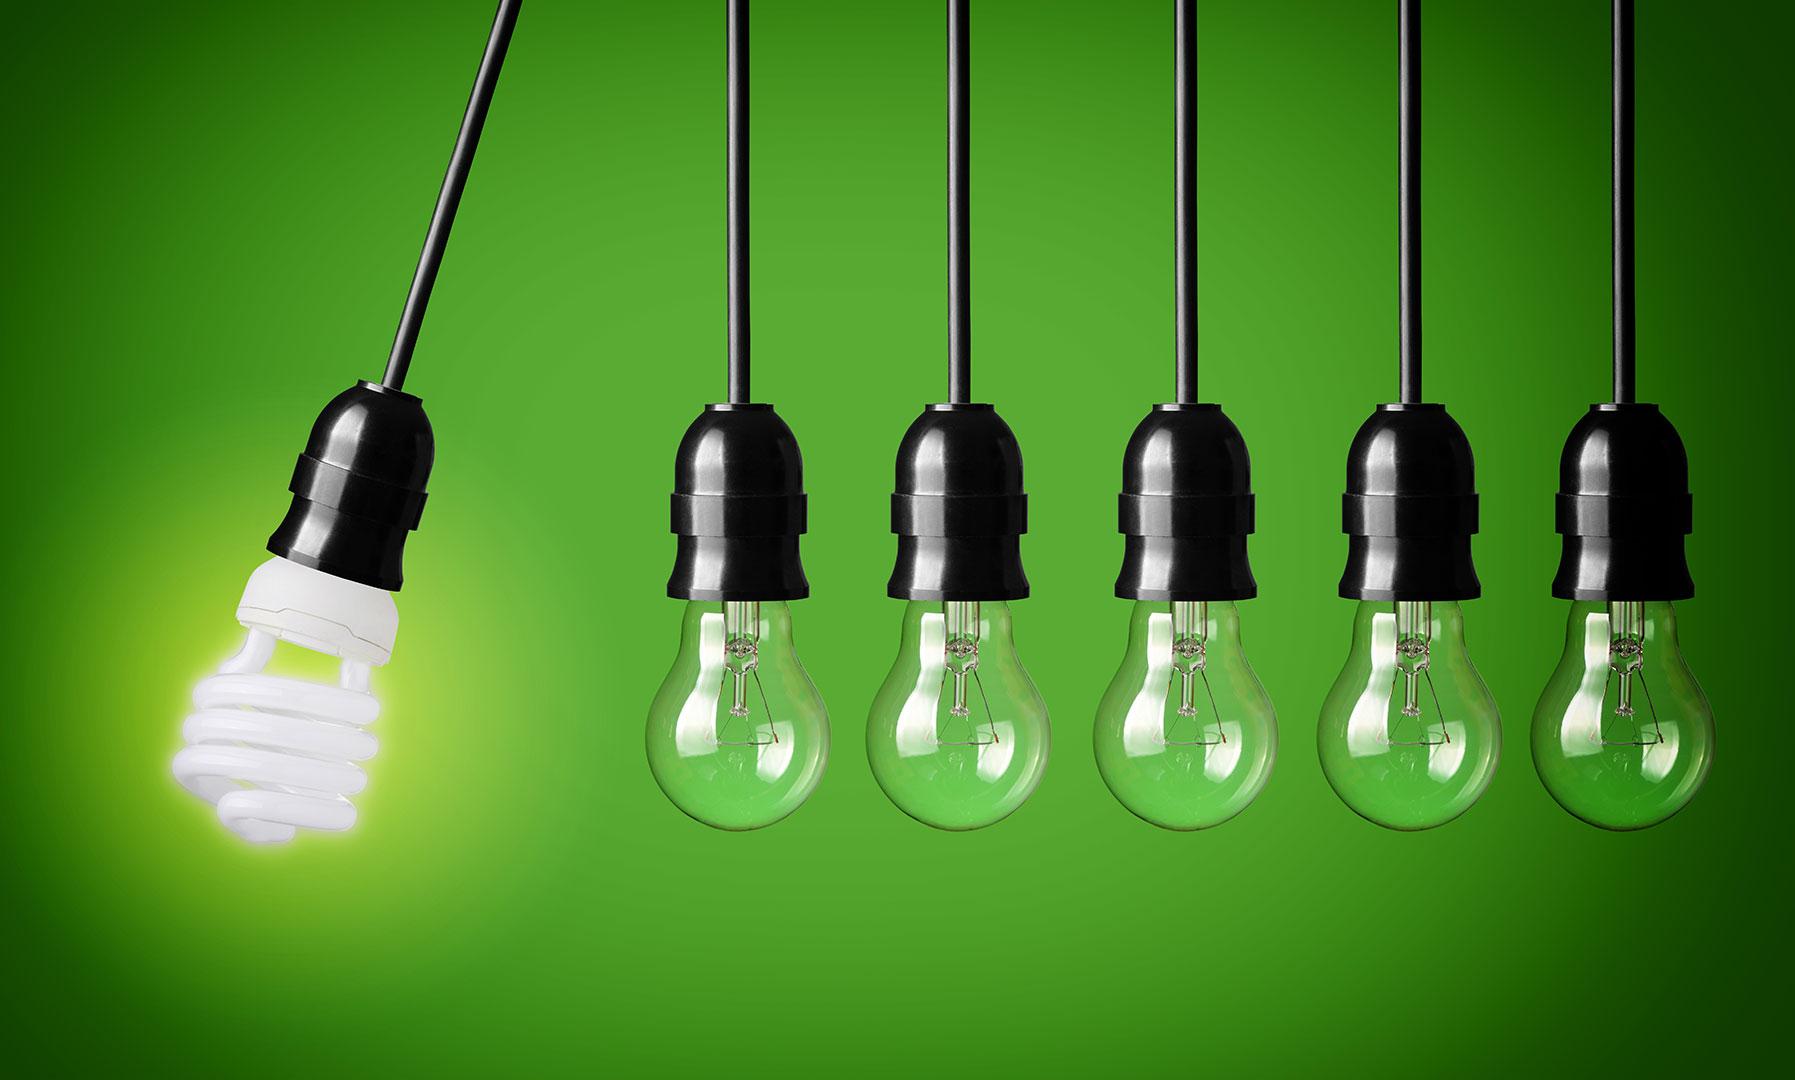 Bild inomhus på glödlampor som hänger ner i svarta sladdar. En av lamporna lyser och svänger ut åt sidan. Väggen bakom lamporna är grön.